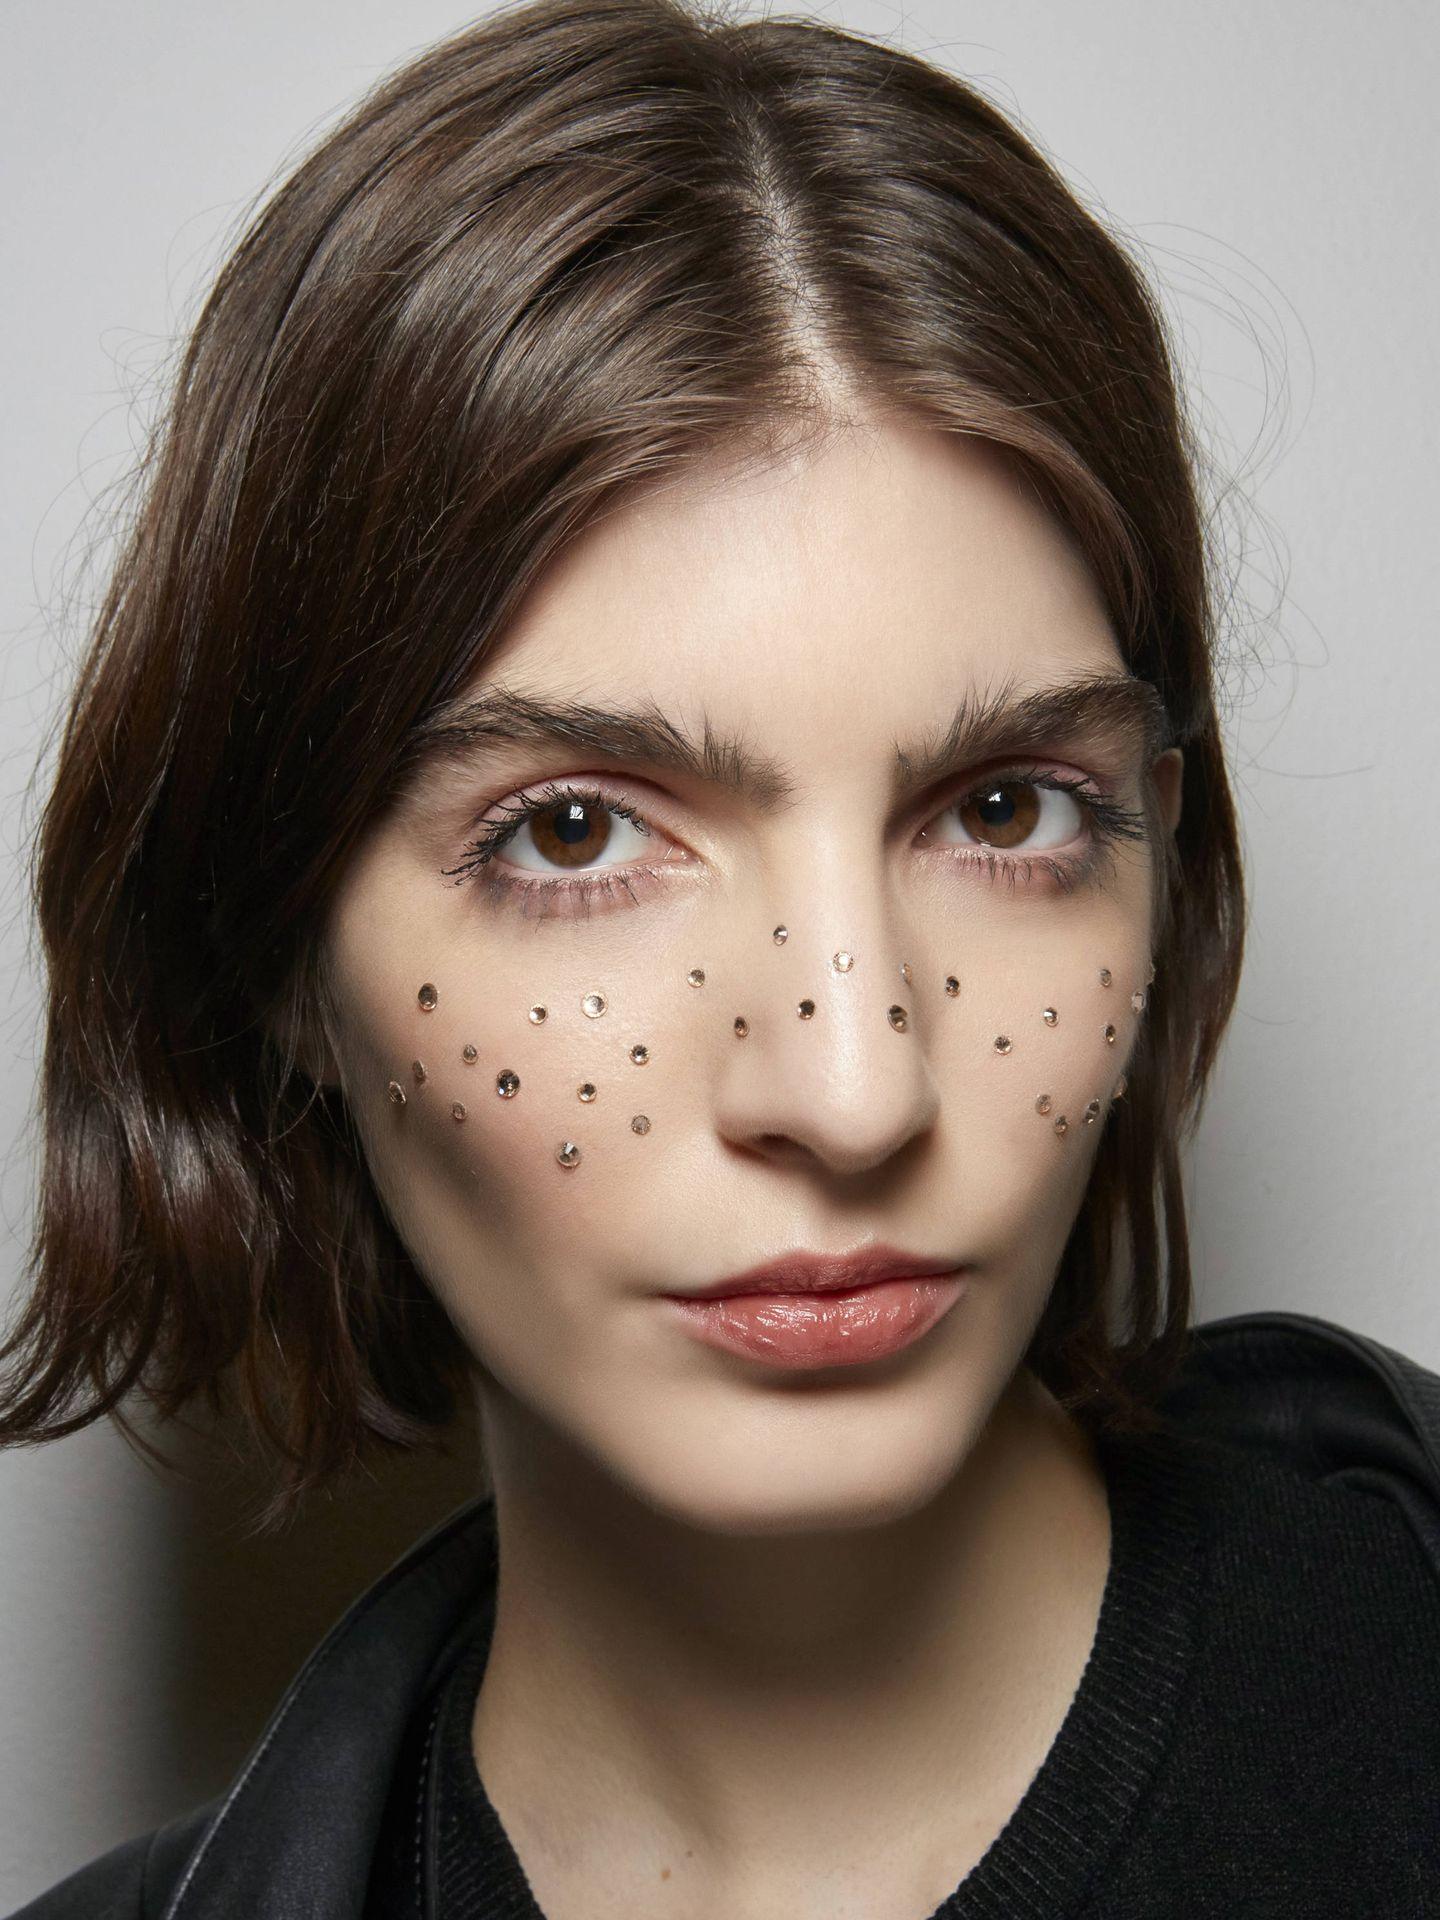 Los alfahidroxiácidos exfolian la capa más superficial de la piel liberando su luminosidad. (Imaxtree)